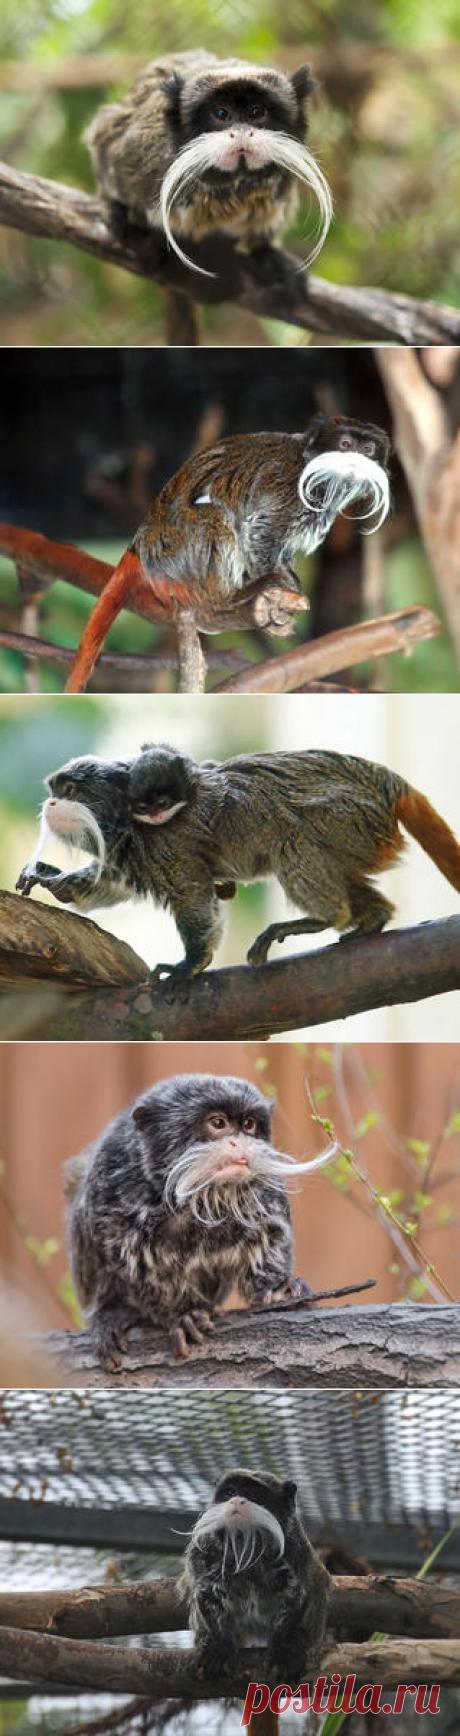 Смотреть изображения императорских тамаринов | Зооляндия